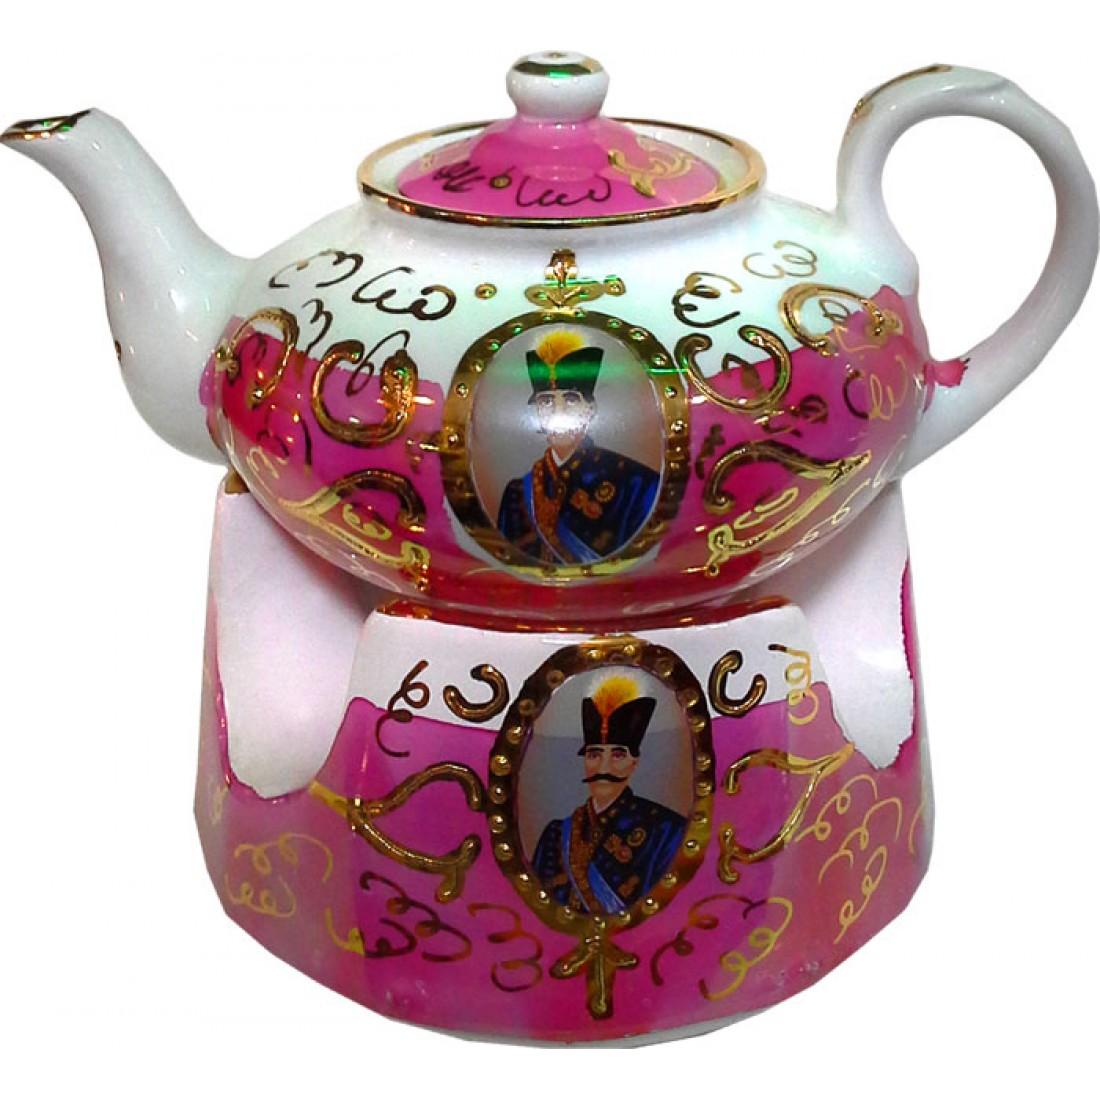 لیوان چای خوری جدید عکس قوری بلور – سایت عکس